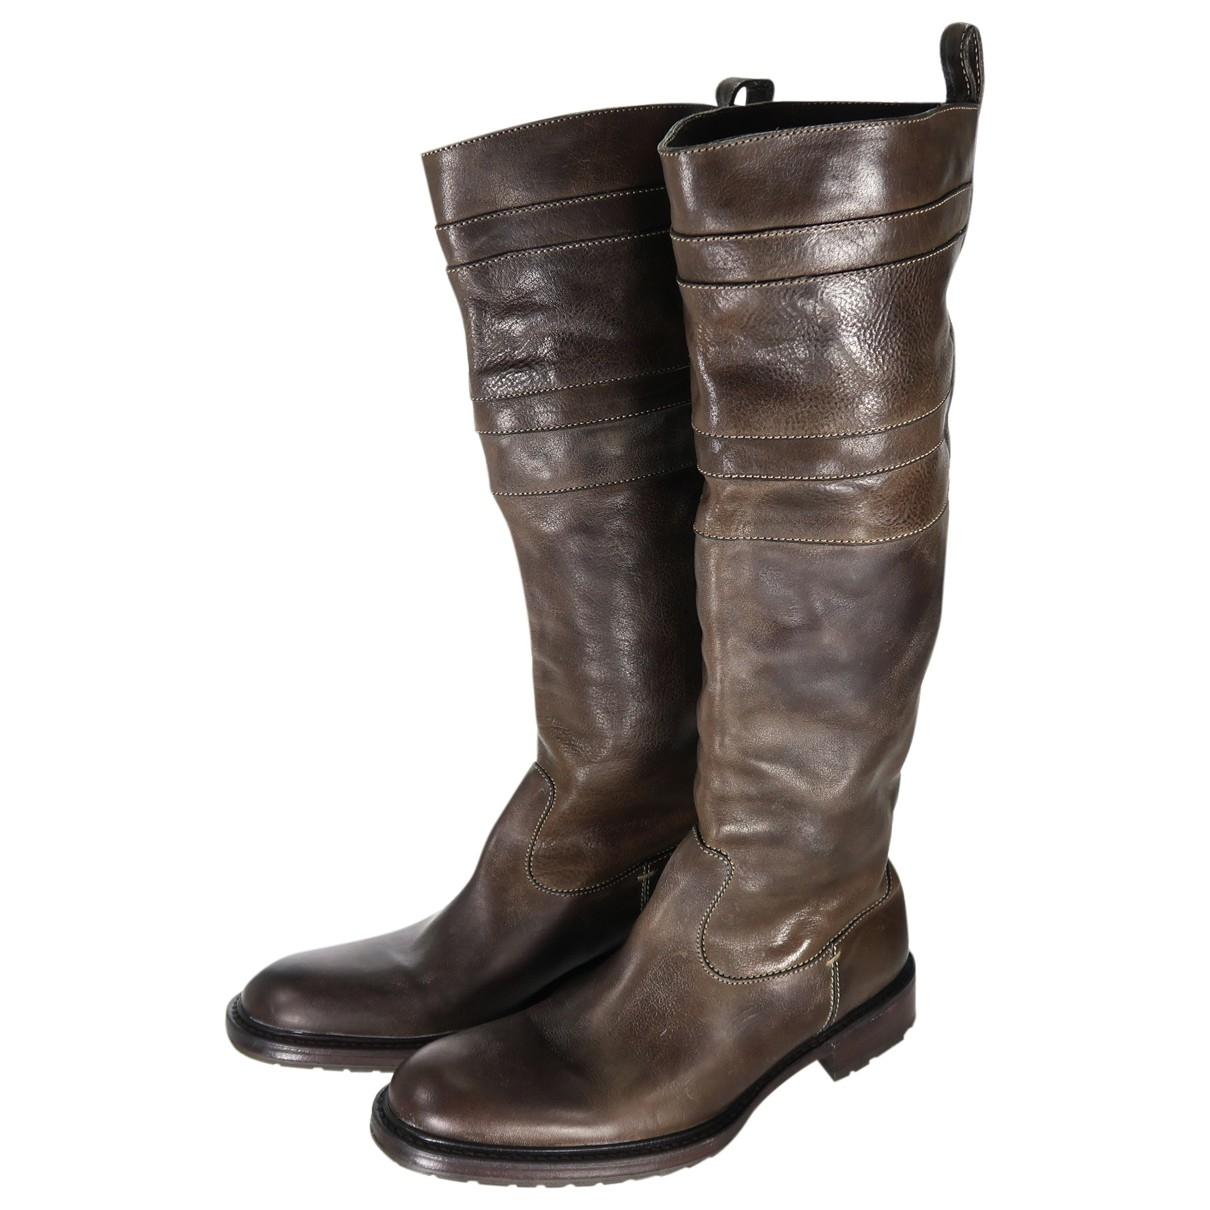 N.d.c. Made By Hand - Bottes   pour femme en cuir - marron